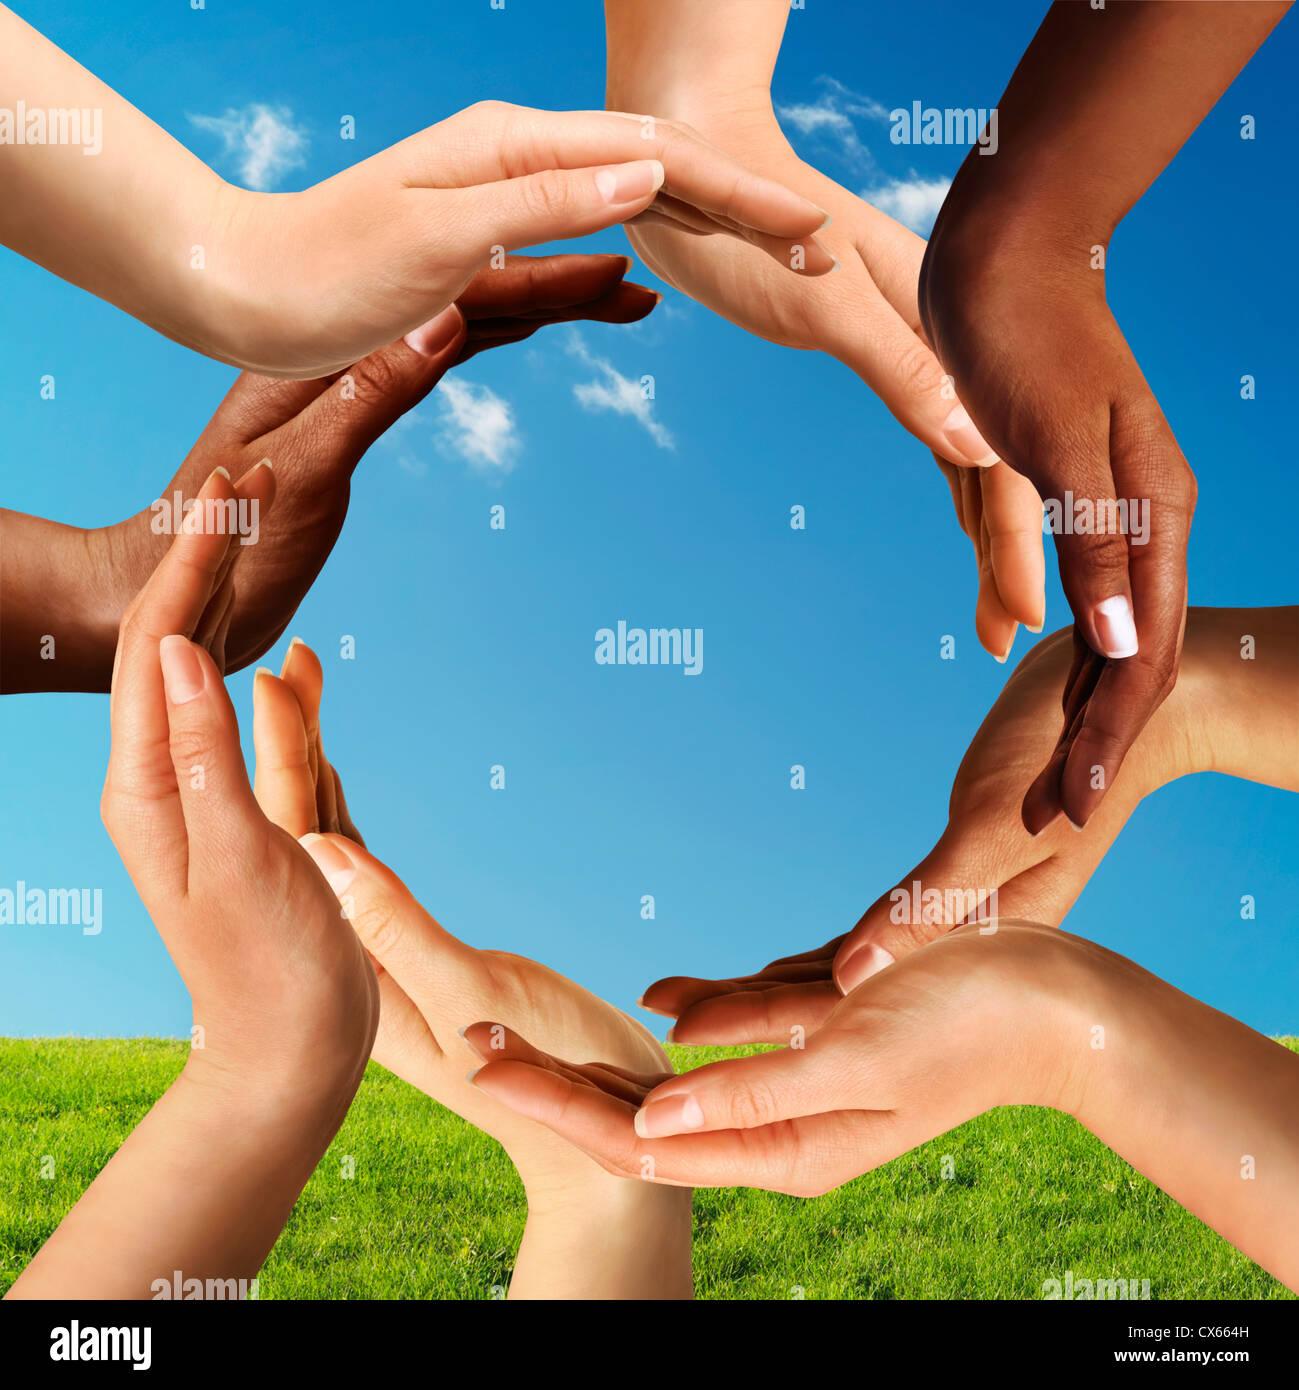 La paz y la diversidad cultural conceptual símbolo multirracial de manos haciendo un círculo juntos en Imagen De Stock